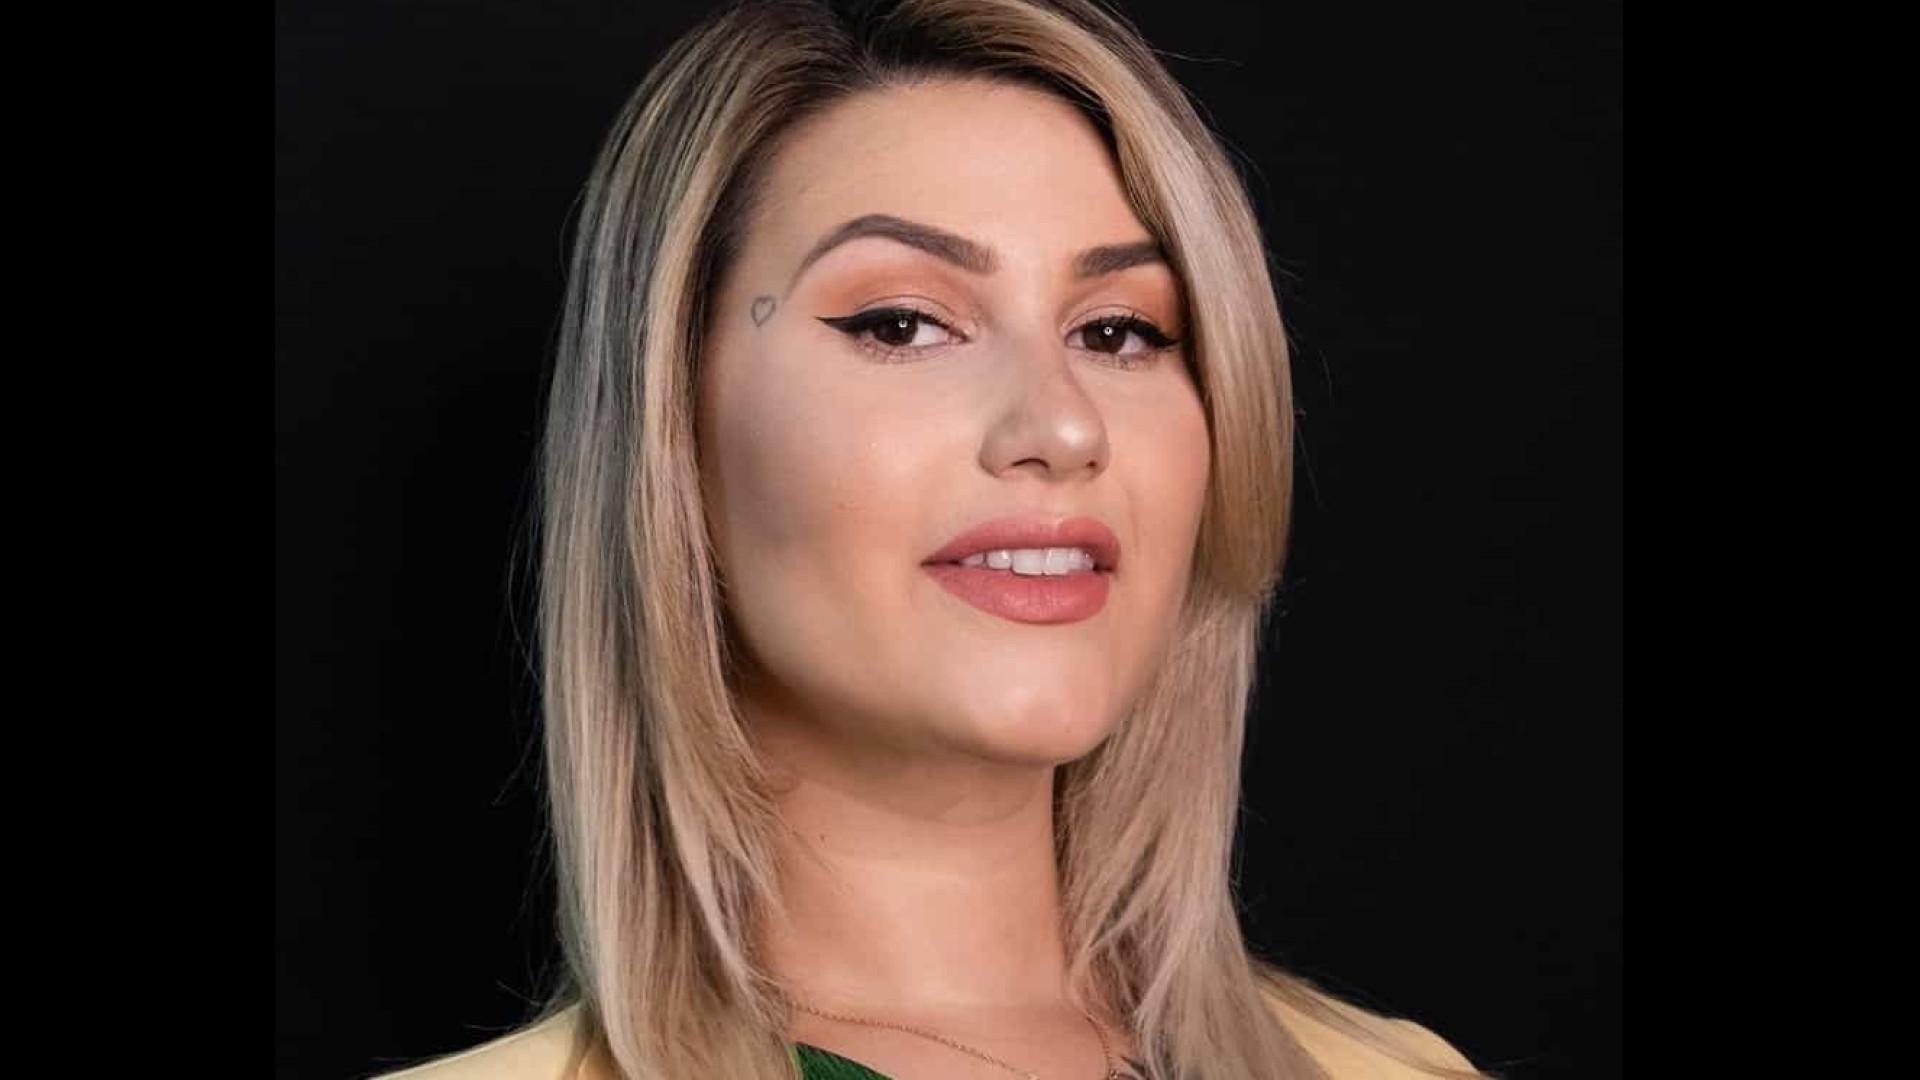 Sara Winter ameaça e xinga de 'arrombado' ministro do STF